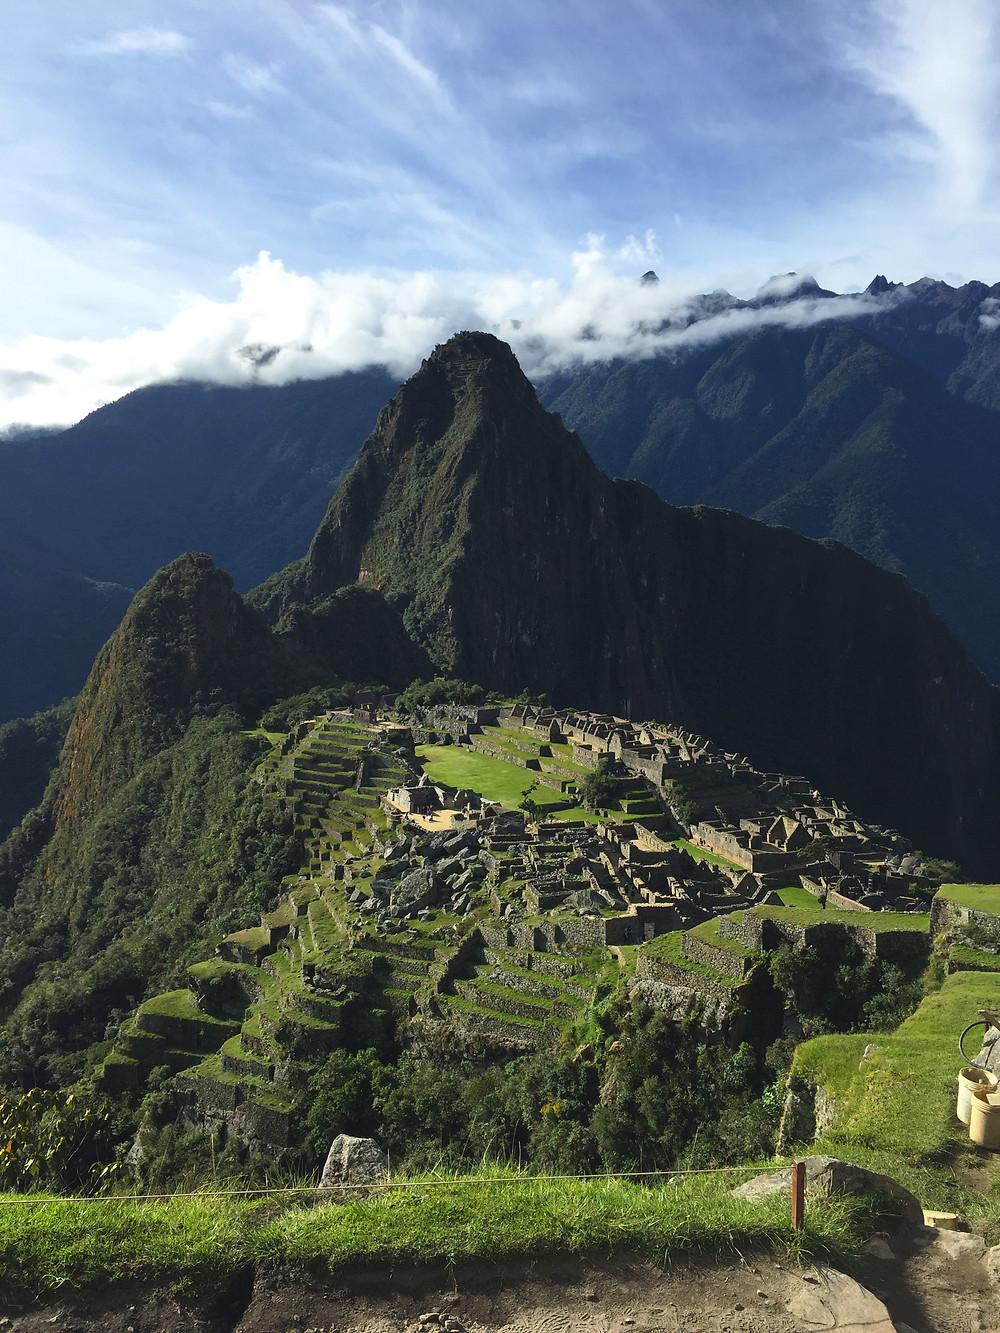 The classic photo of Machu Picchu